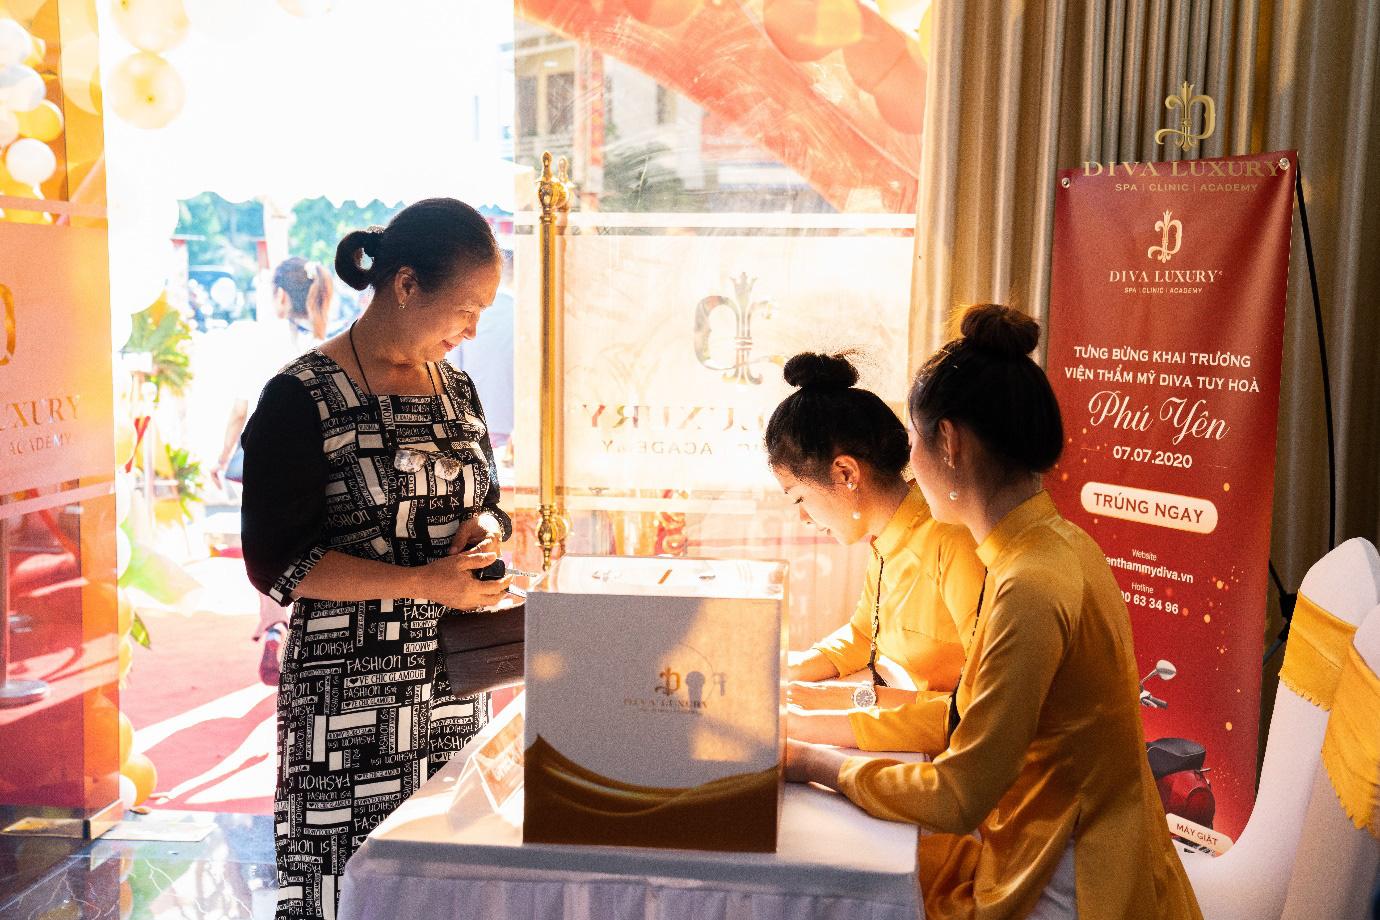 Viện thẩm mỹ DIVA Phú Yên kín khách trong ngày đầu khai trương - Ảnh 2.